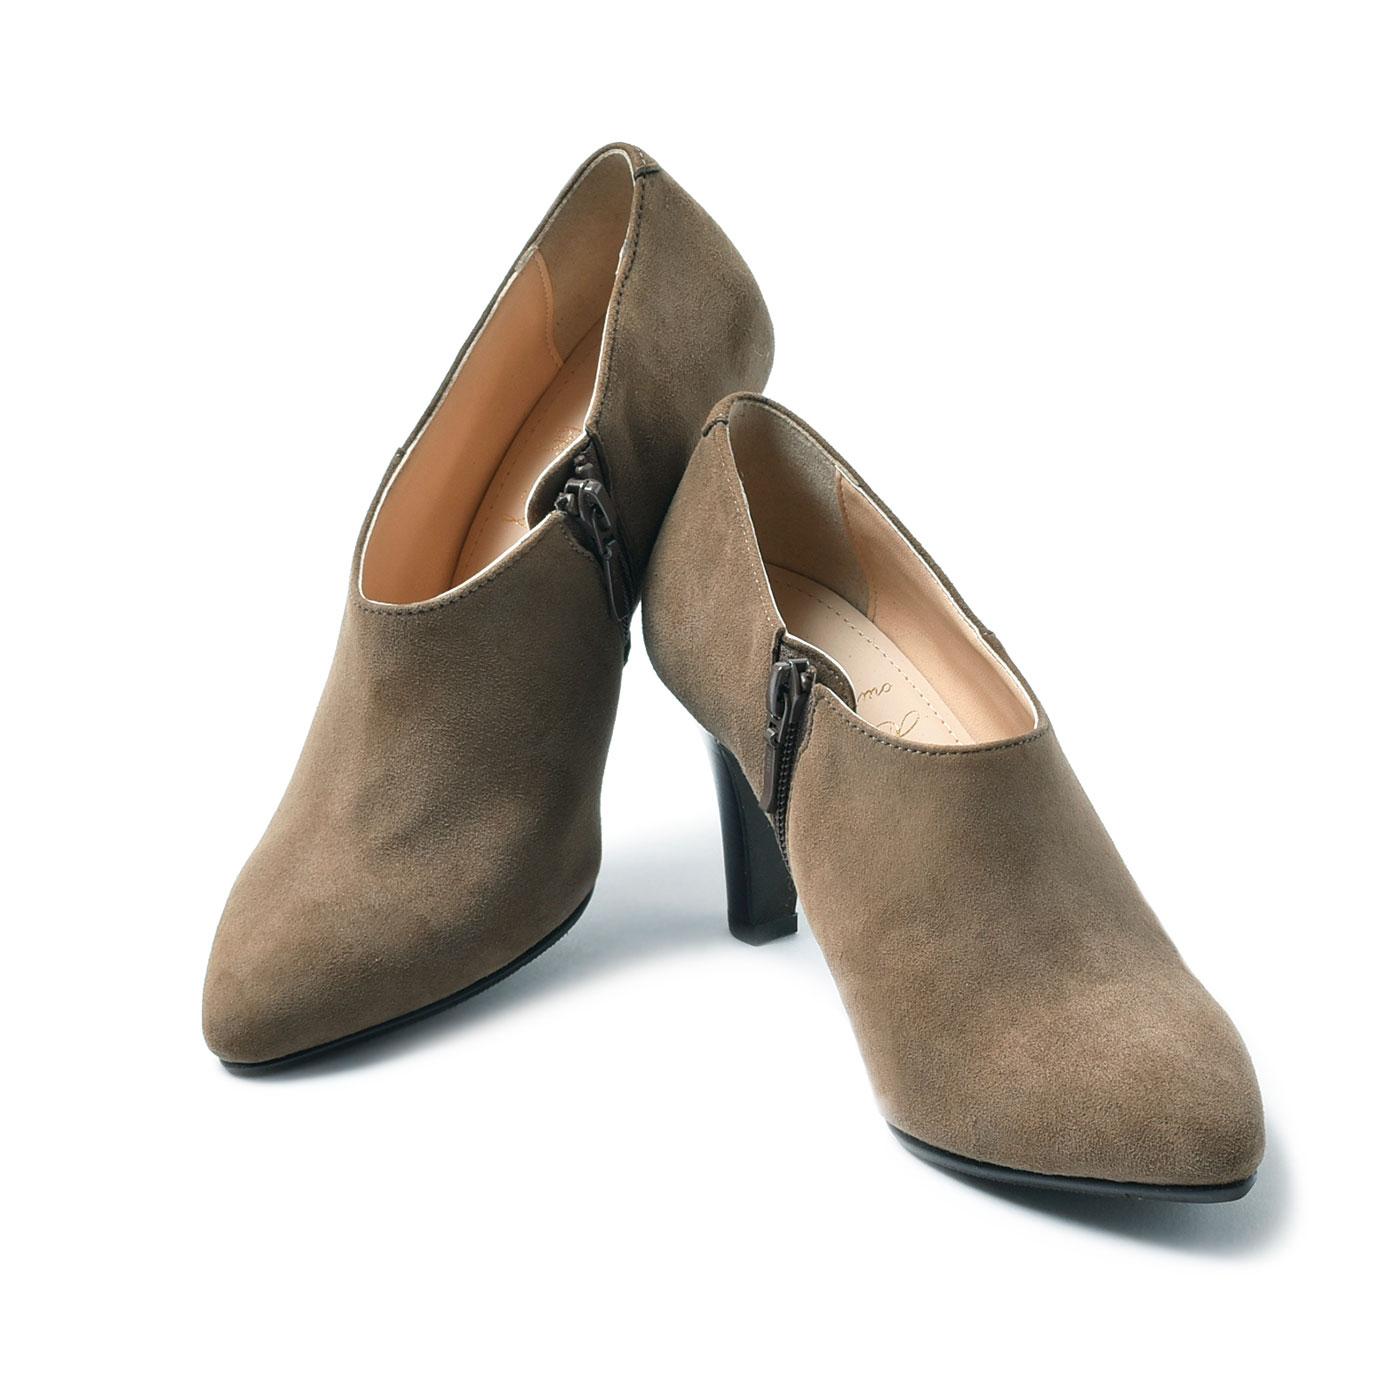 LX独自の究極のパンプスをベースに独特の履き心地を実現。大人の女性の足型や体形などを考慮に入れて設計。